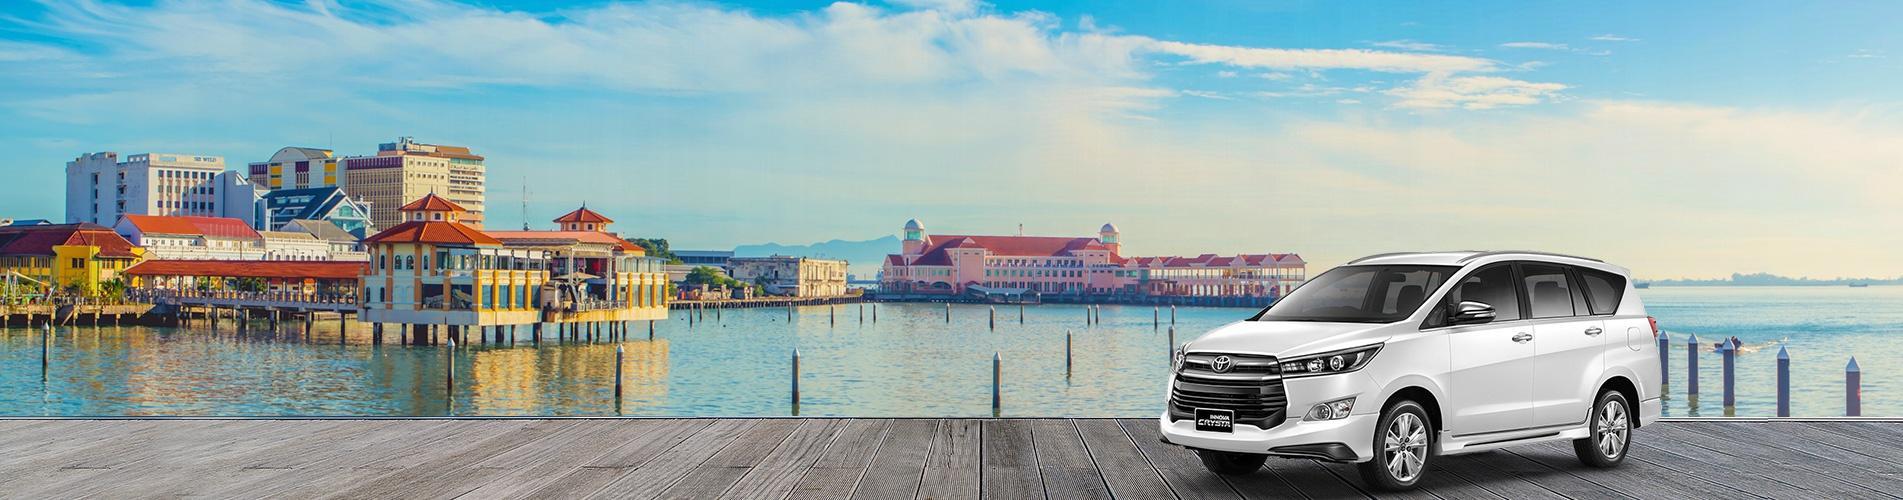 檳城國際機場接送 至 檳城市區 機場接送 Malaysia Penang Airport Transfers